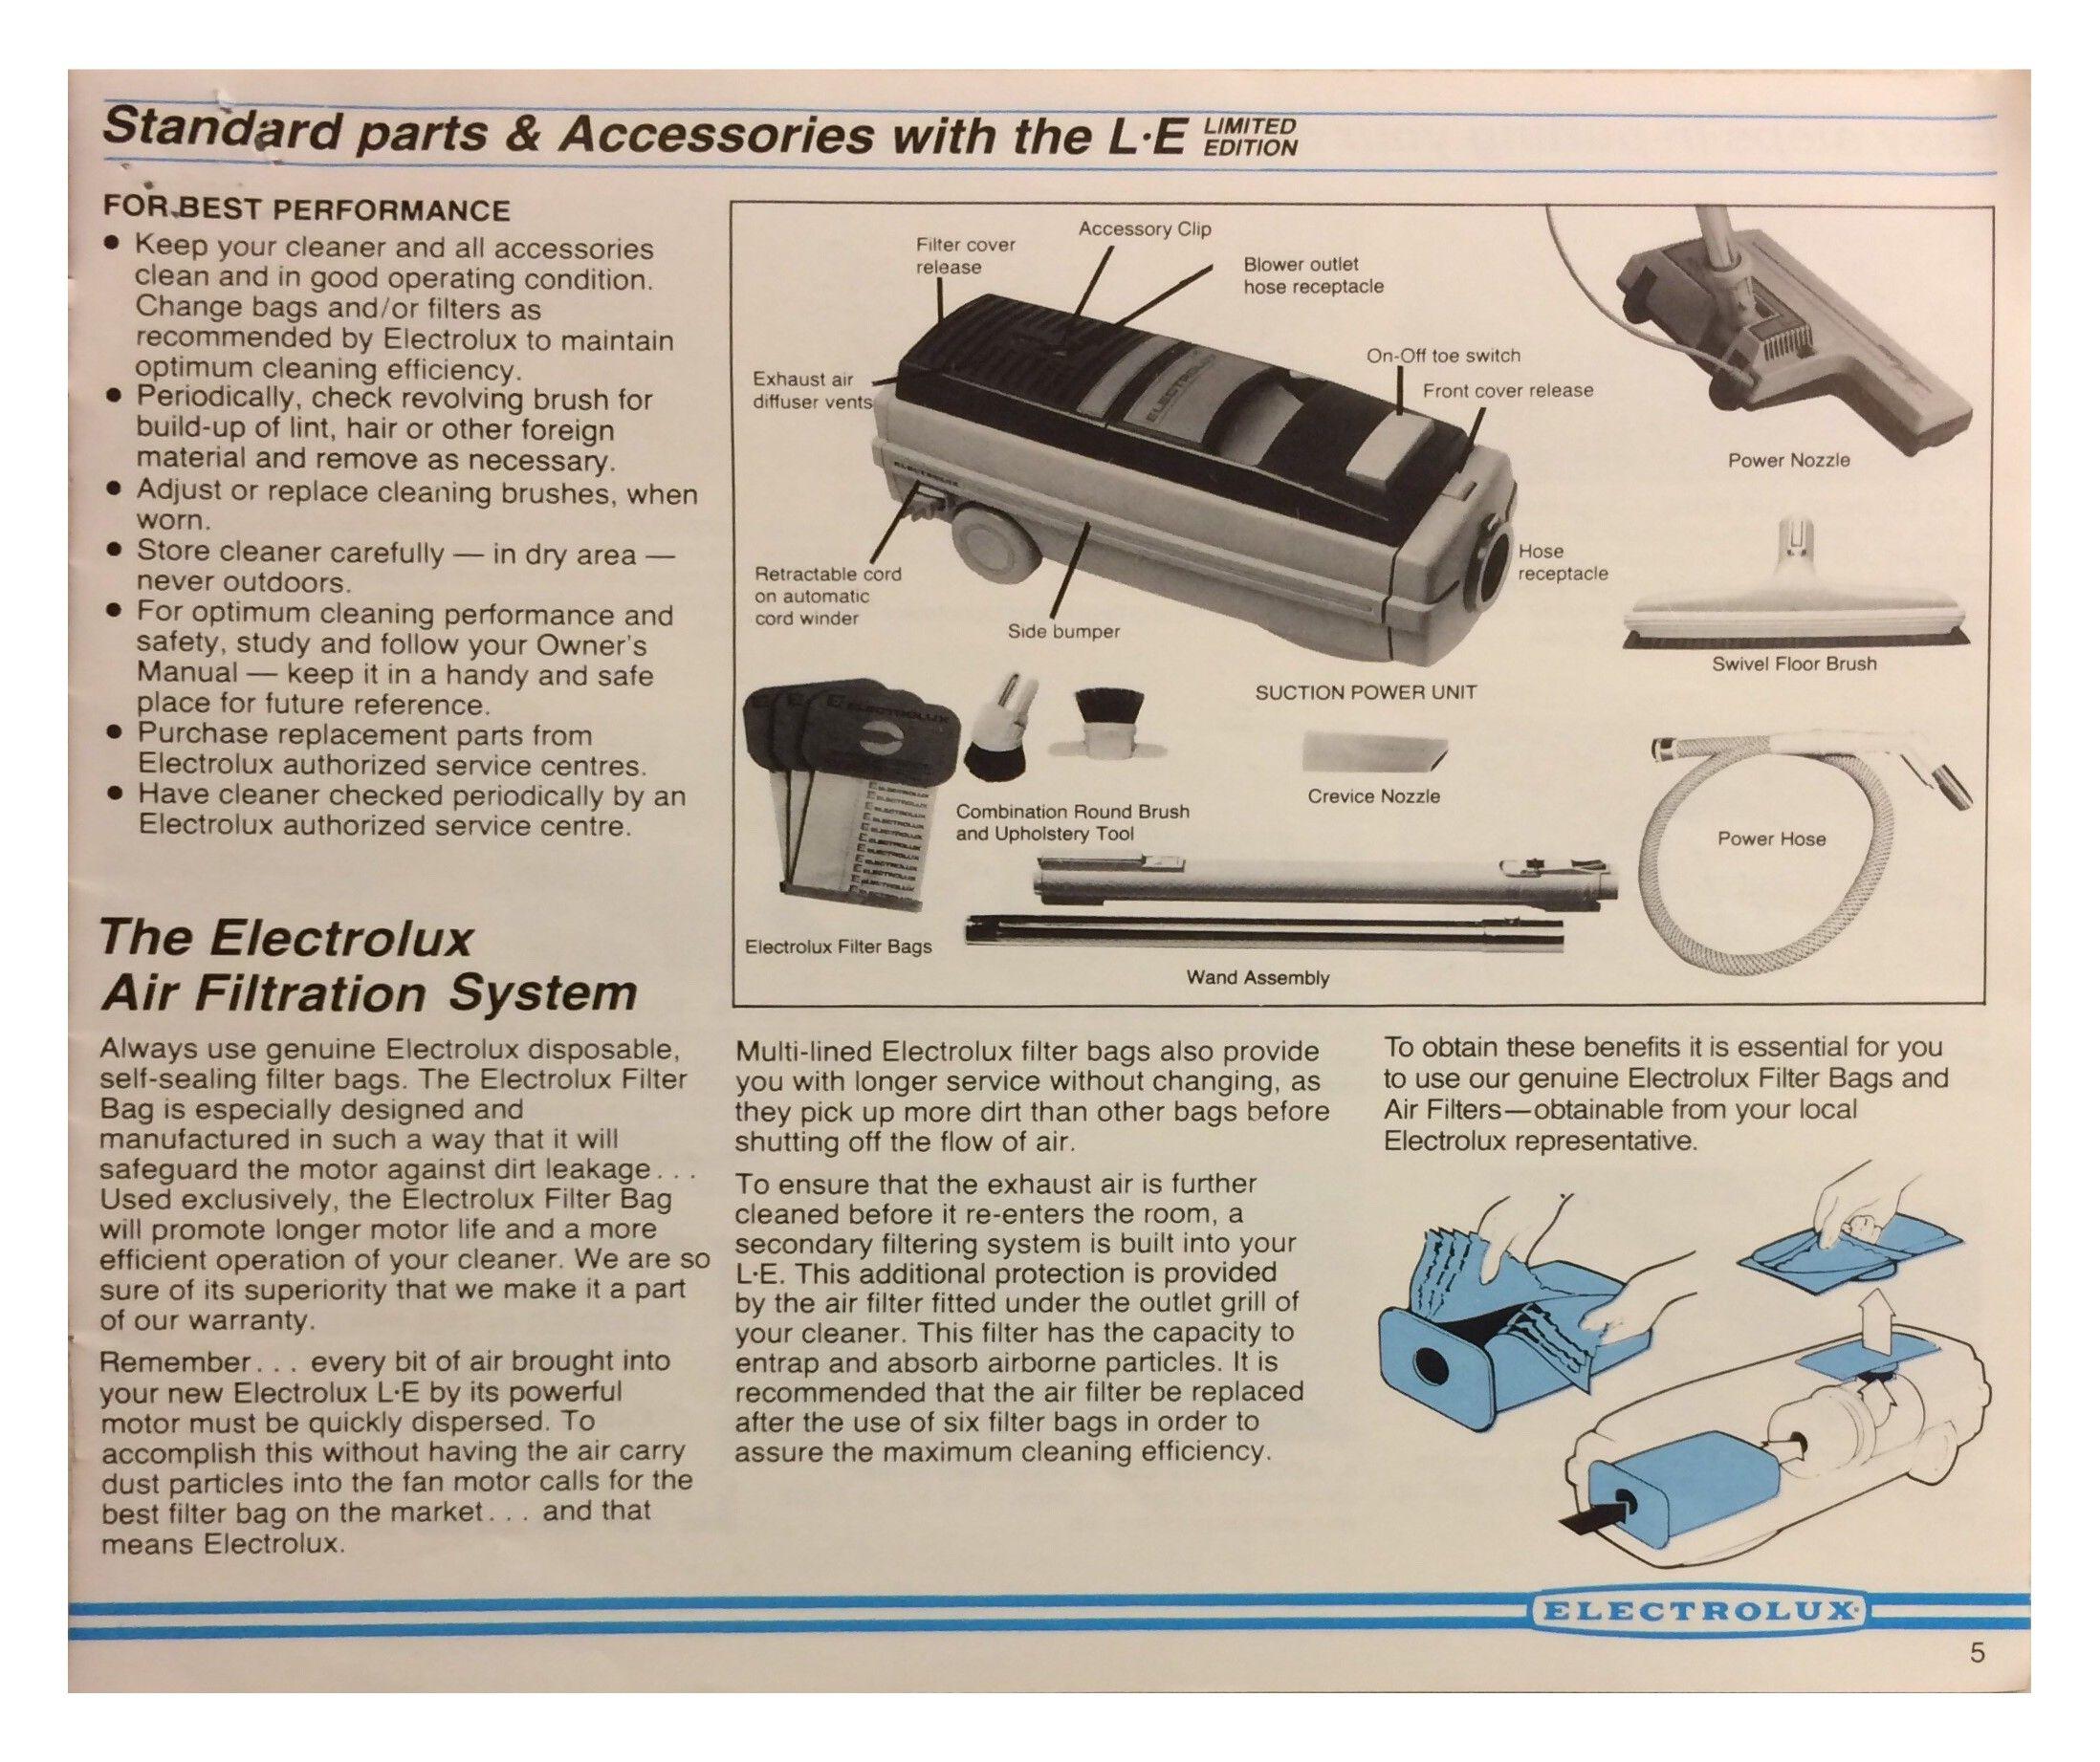 electrolux 2100 wiring diagram wiring diagram g9 electrolux ultra active maintenance electrolux 2100 wiring diagram [ 2196 x 1843 Pixel ]